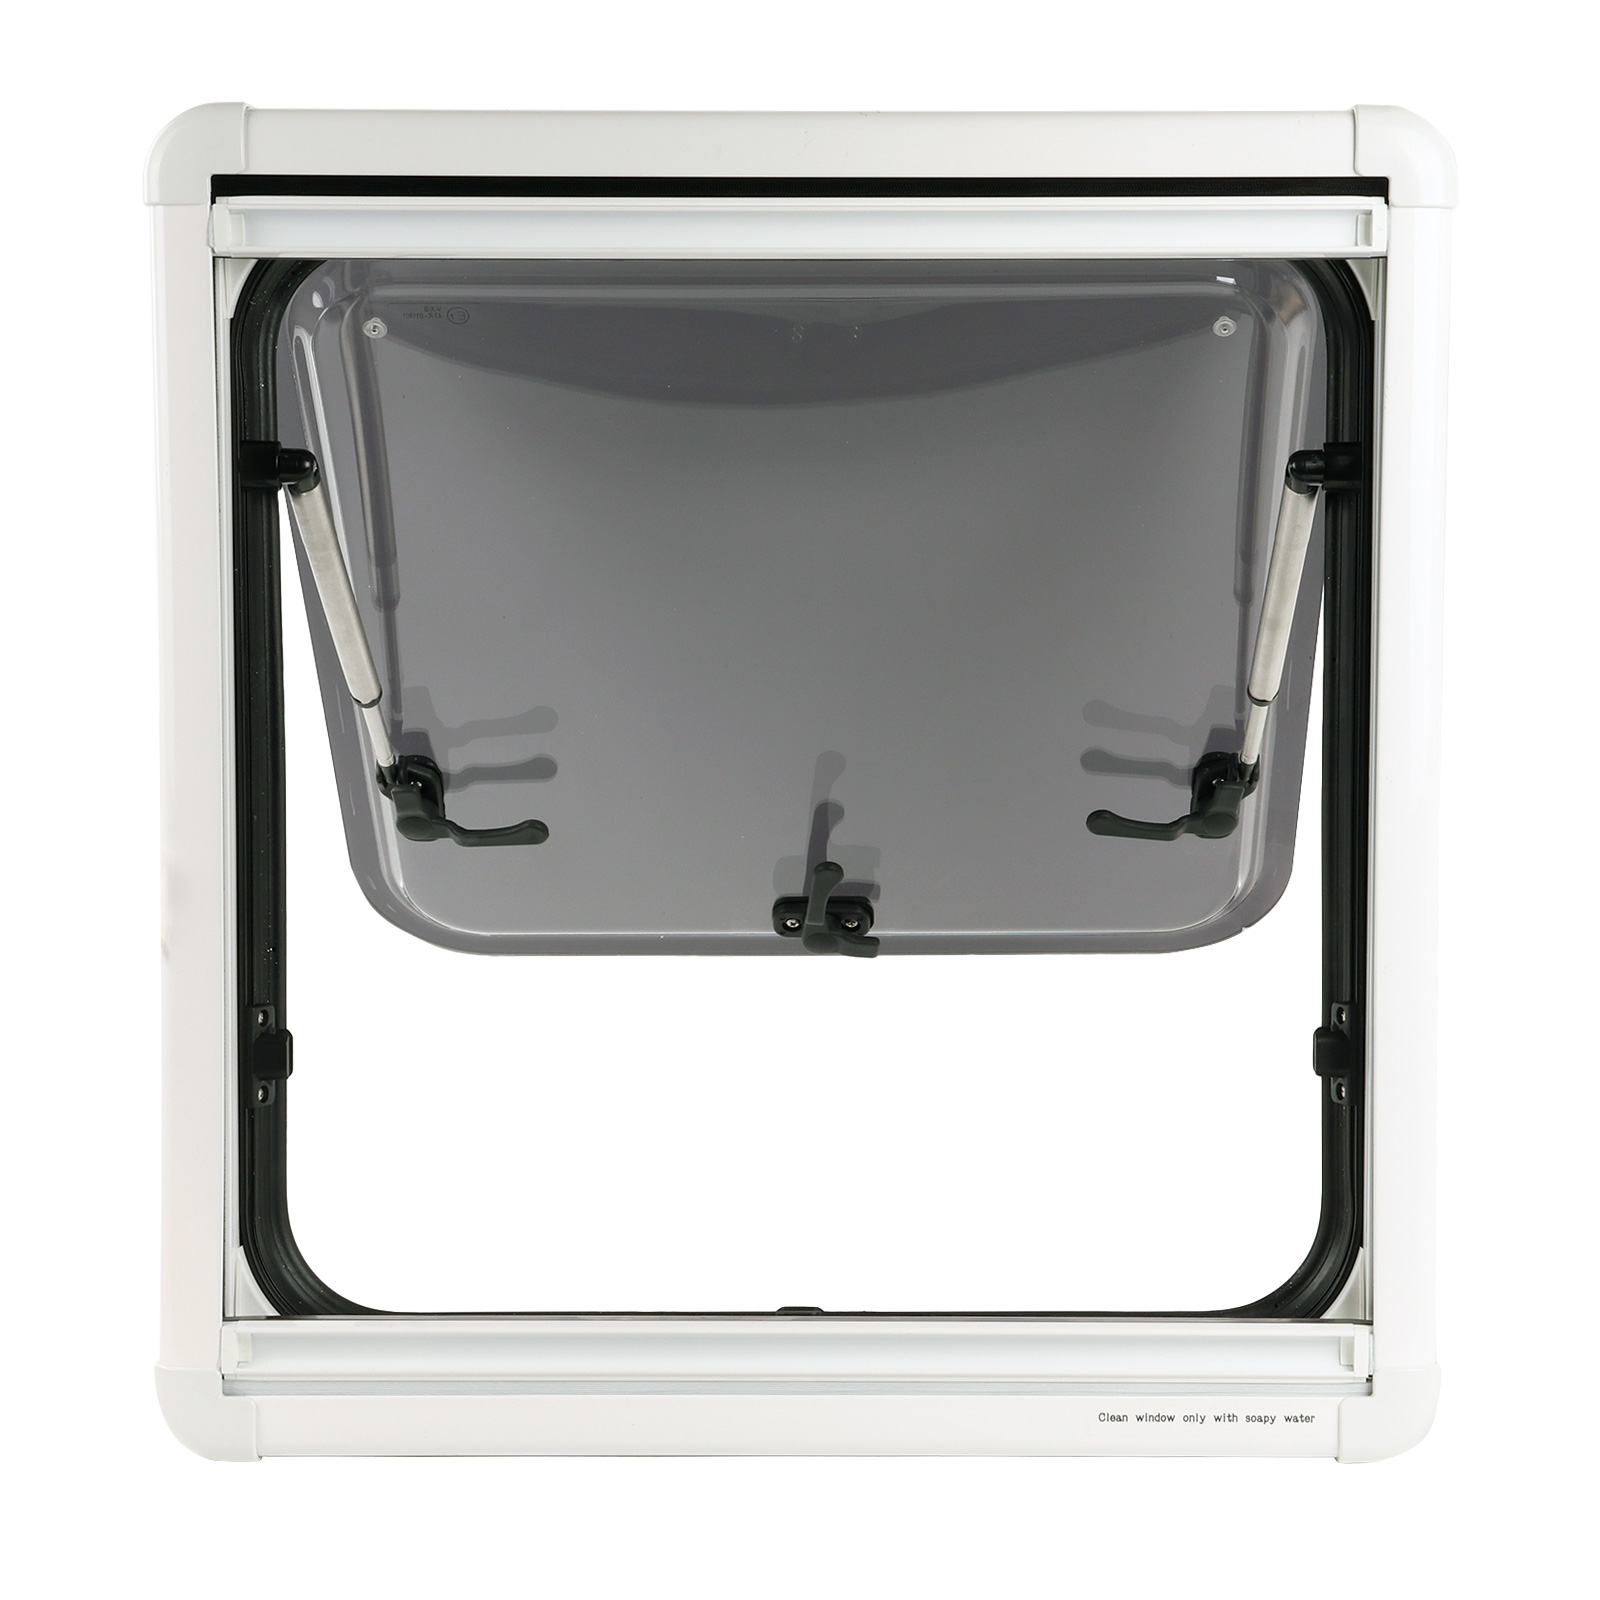 Ausstellfenster für gewölbte Wände, 490x500 inkl. Plissee und Dichtmasse